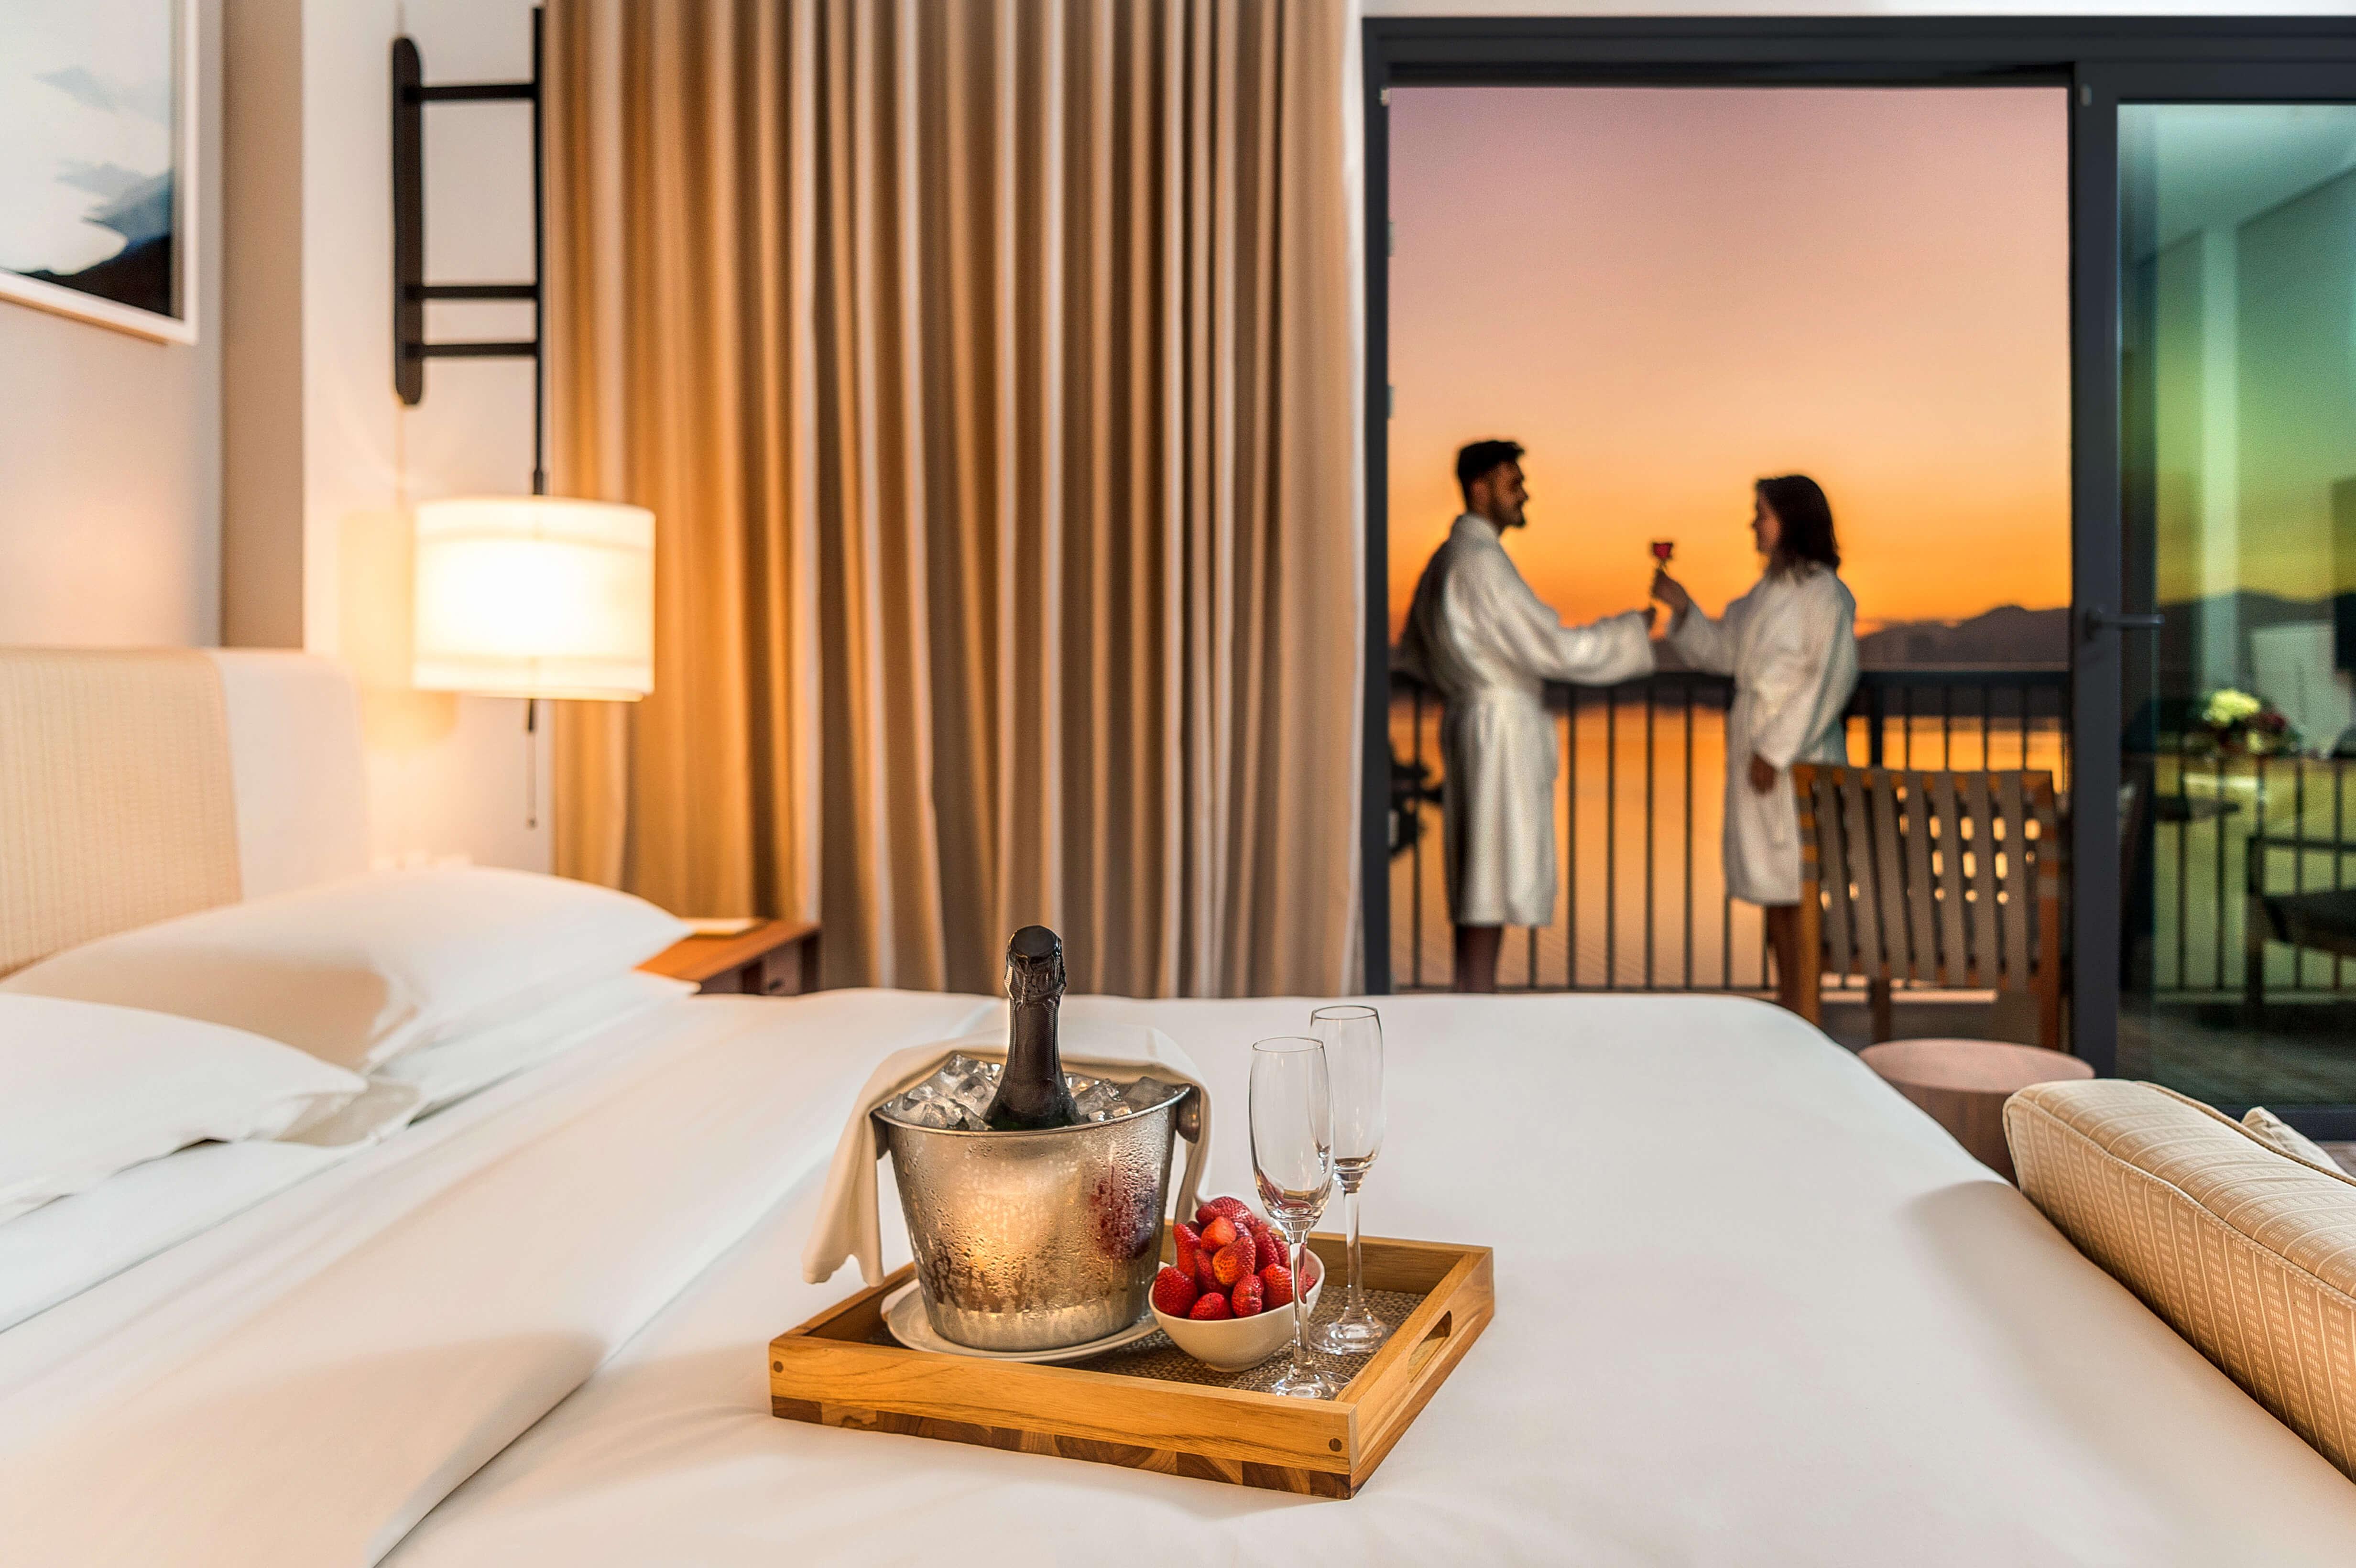 e9c8c3cbd Como Escolher o Hotel Ideal Para Passar a Noite de Núpcias